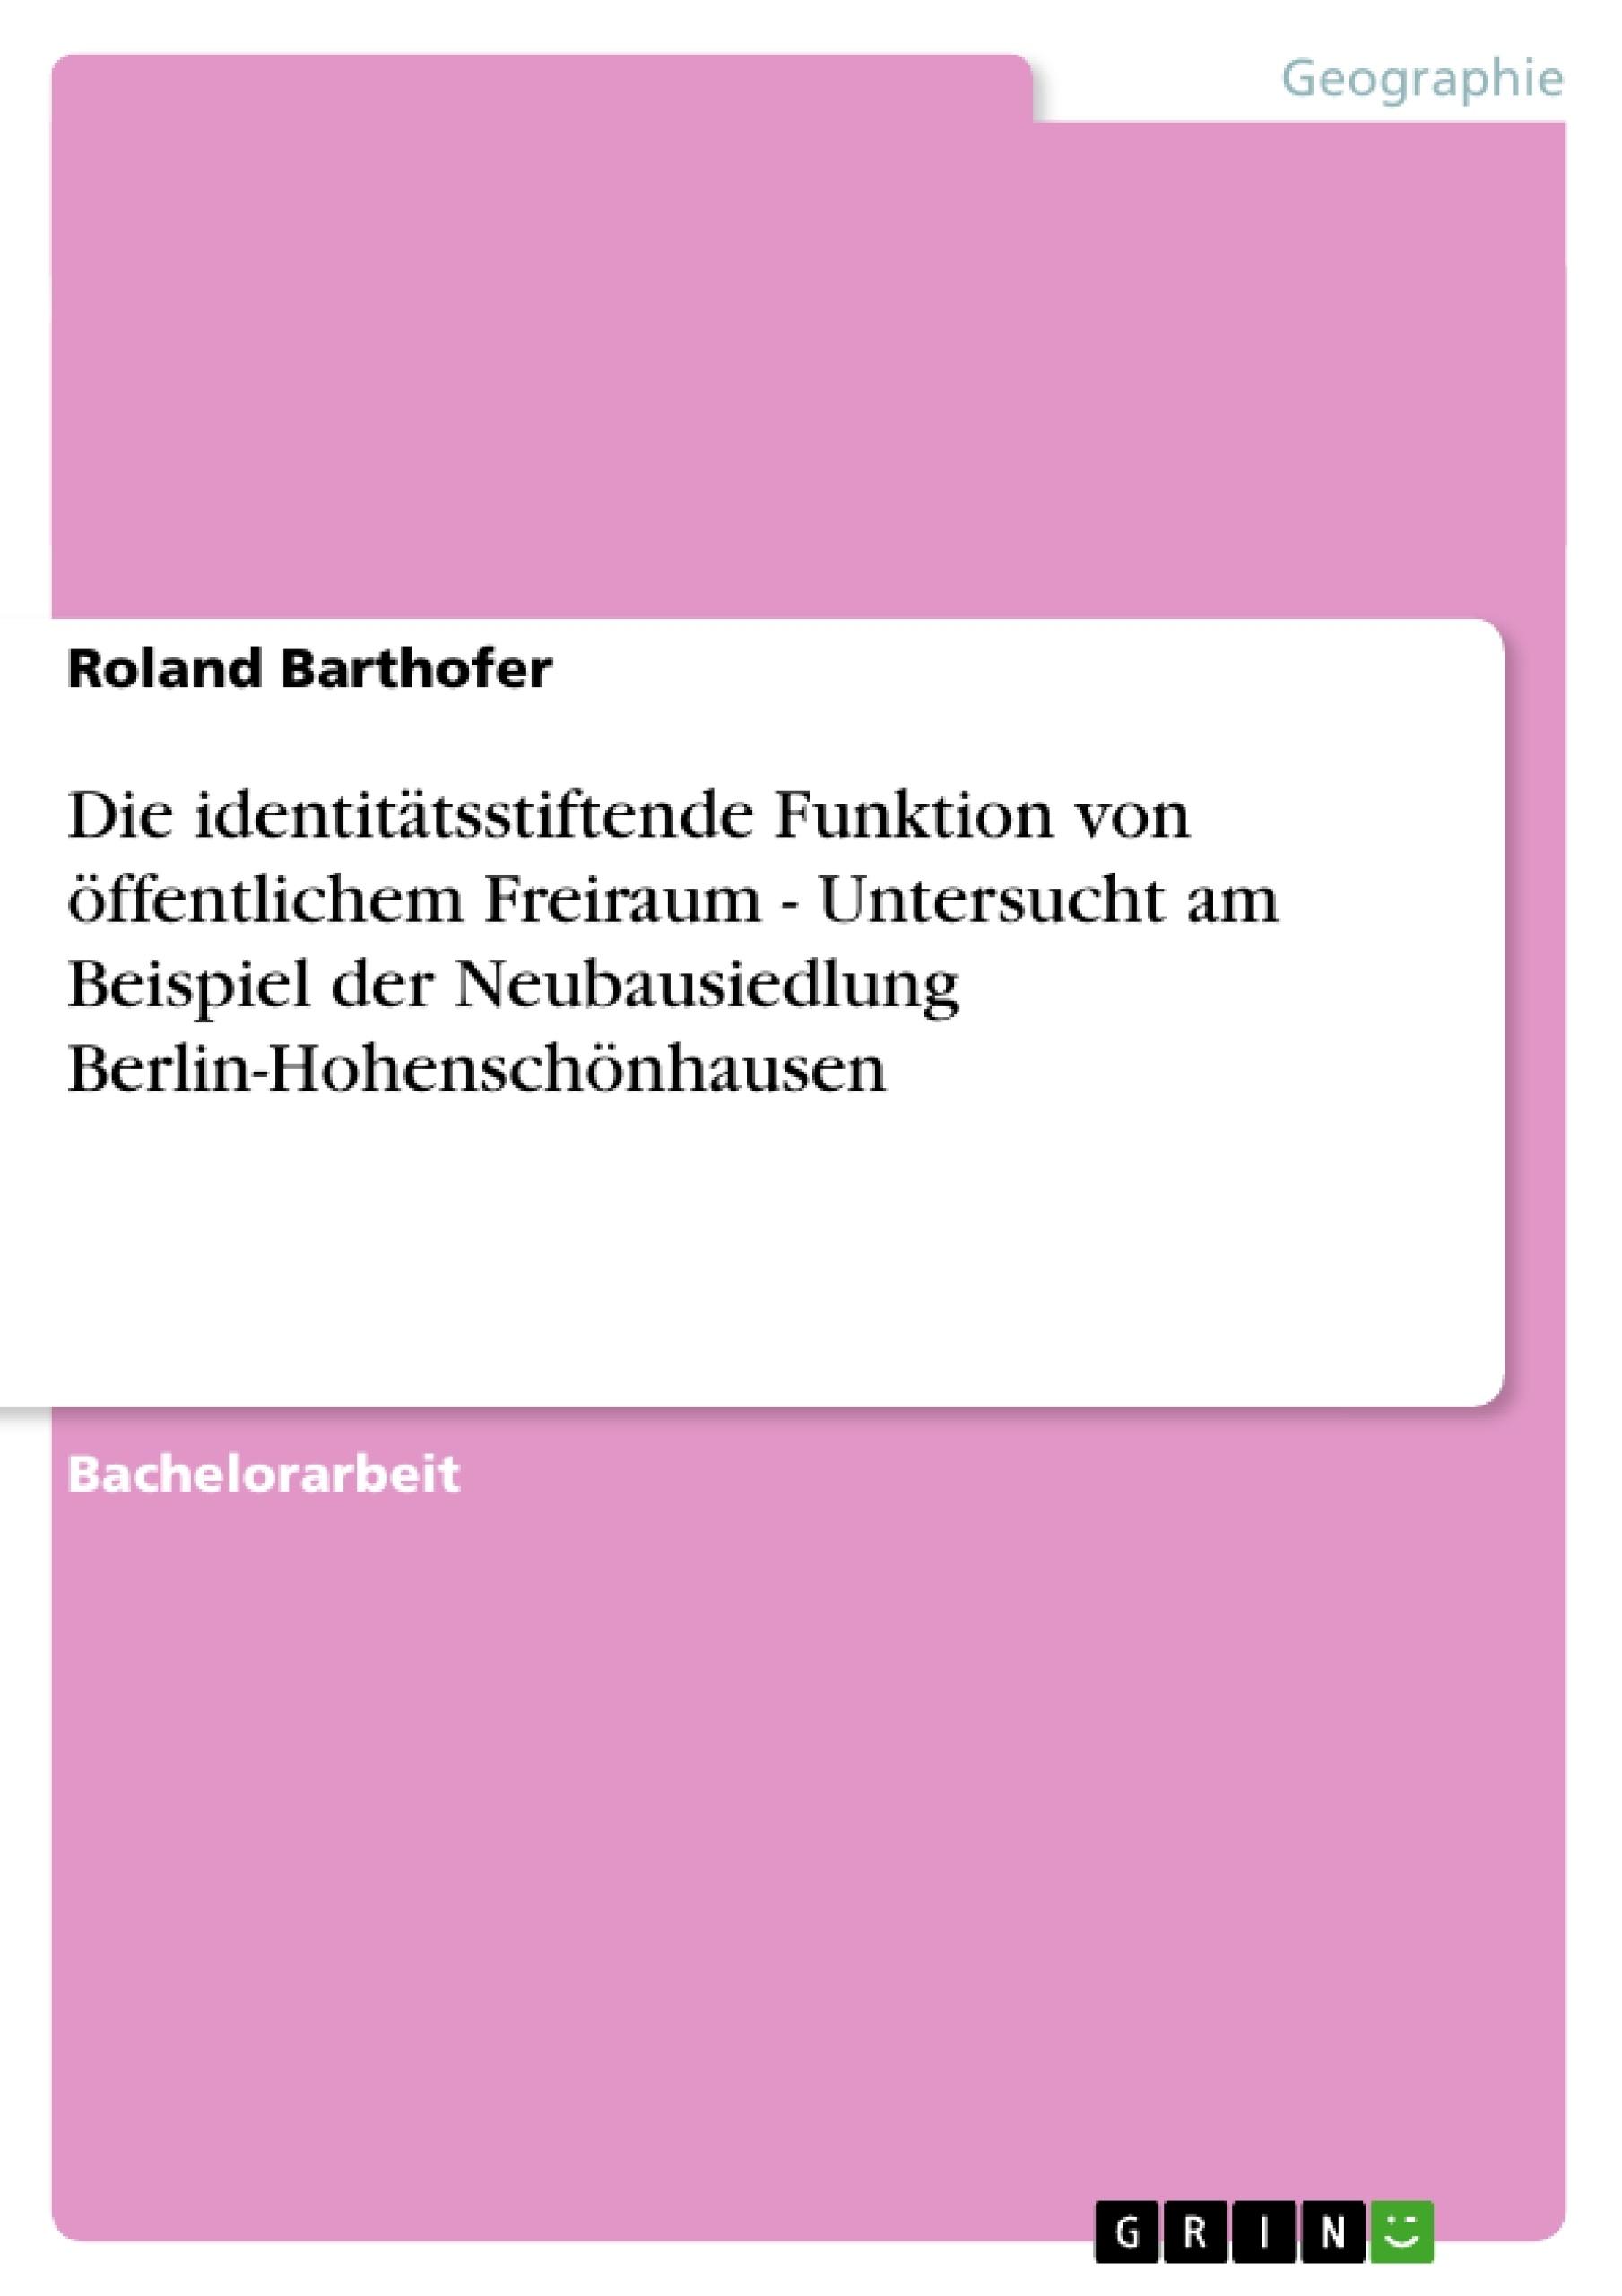 Titel: Die identitätsstiftende Funktion von öffentlichem Freiraum - Untersucht am Beispiel der Neubausiedlung Berlin-Hohenschönhausen